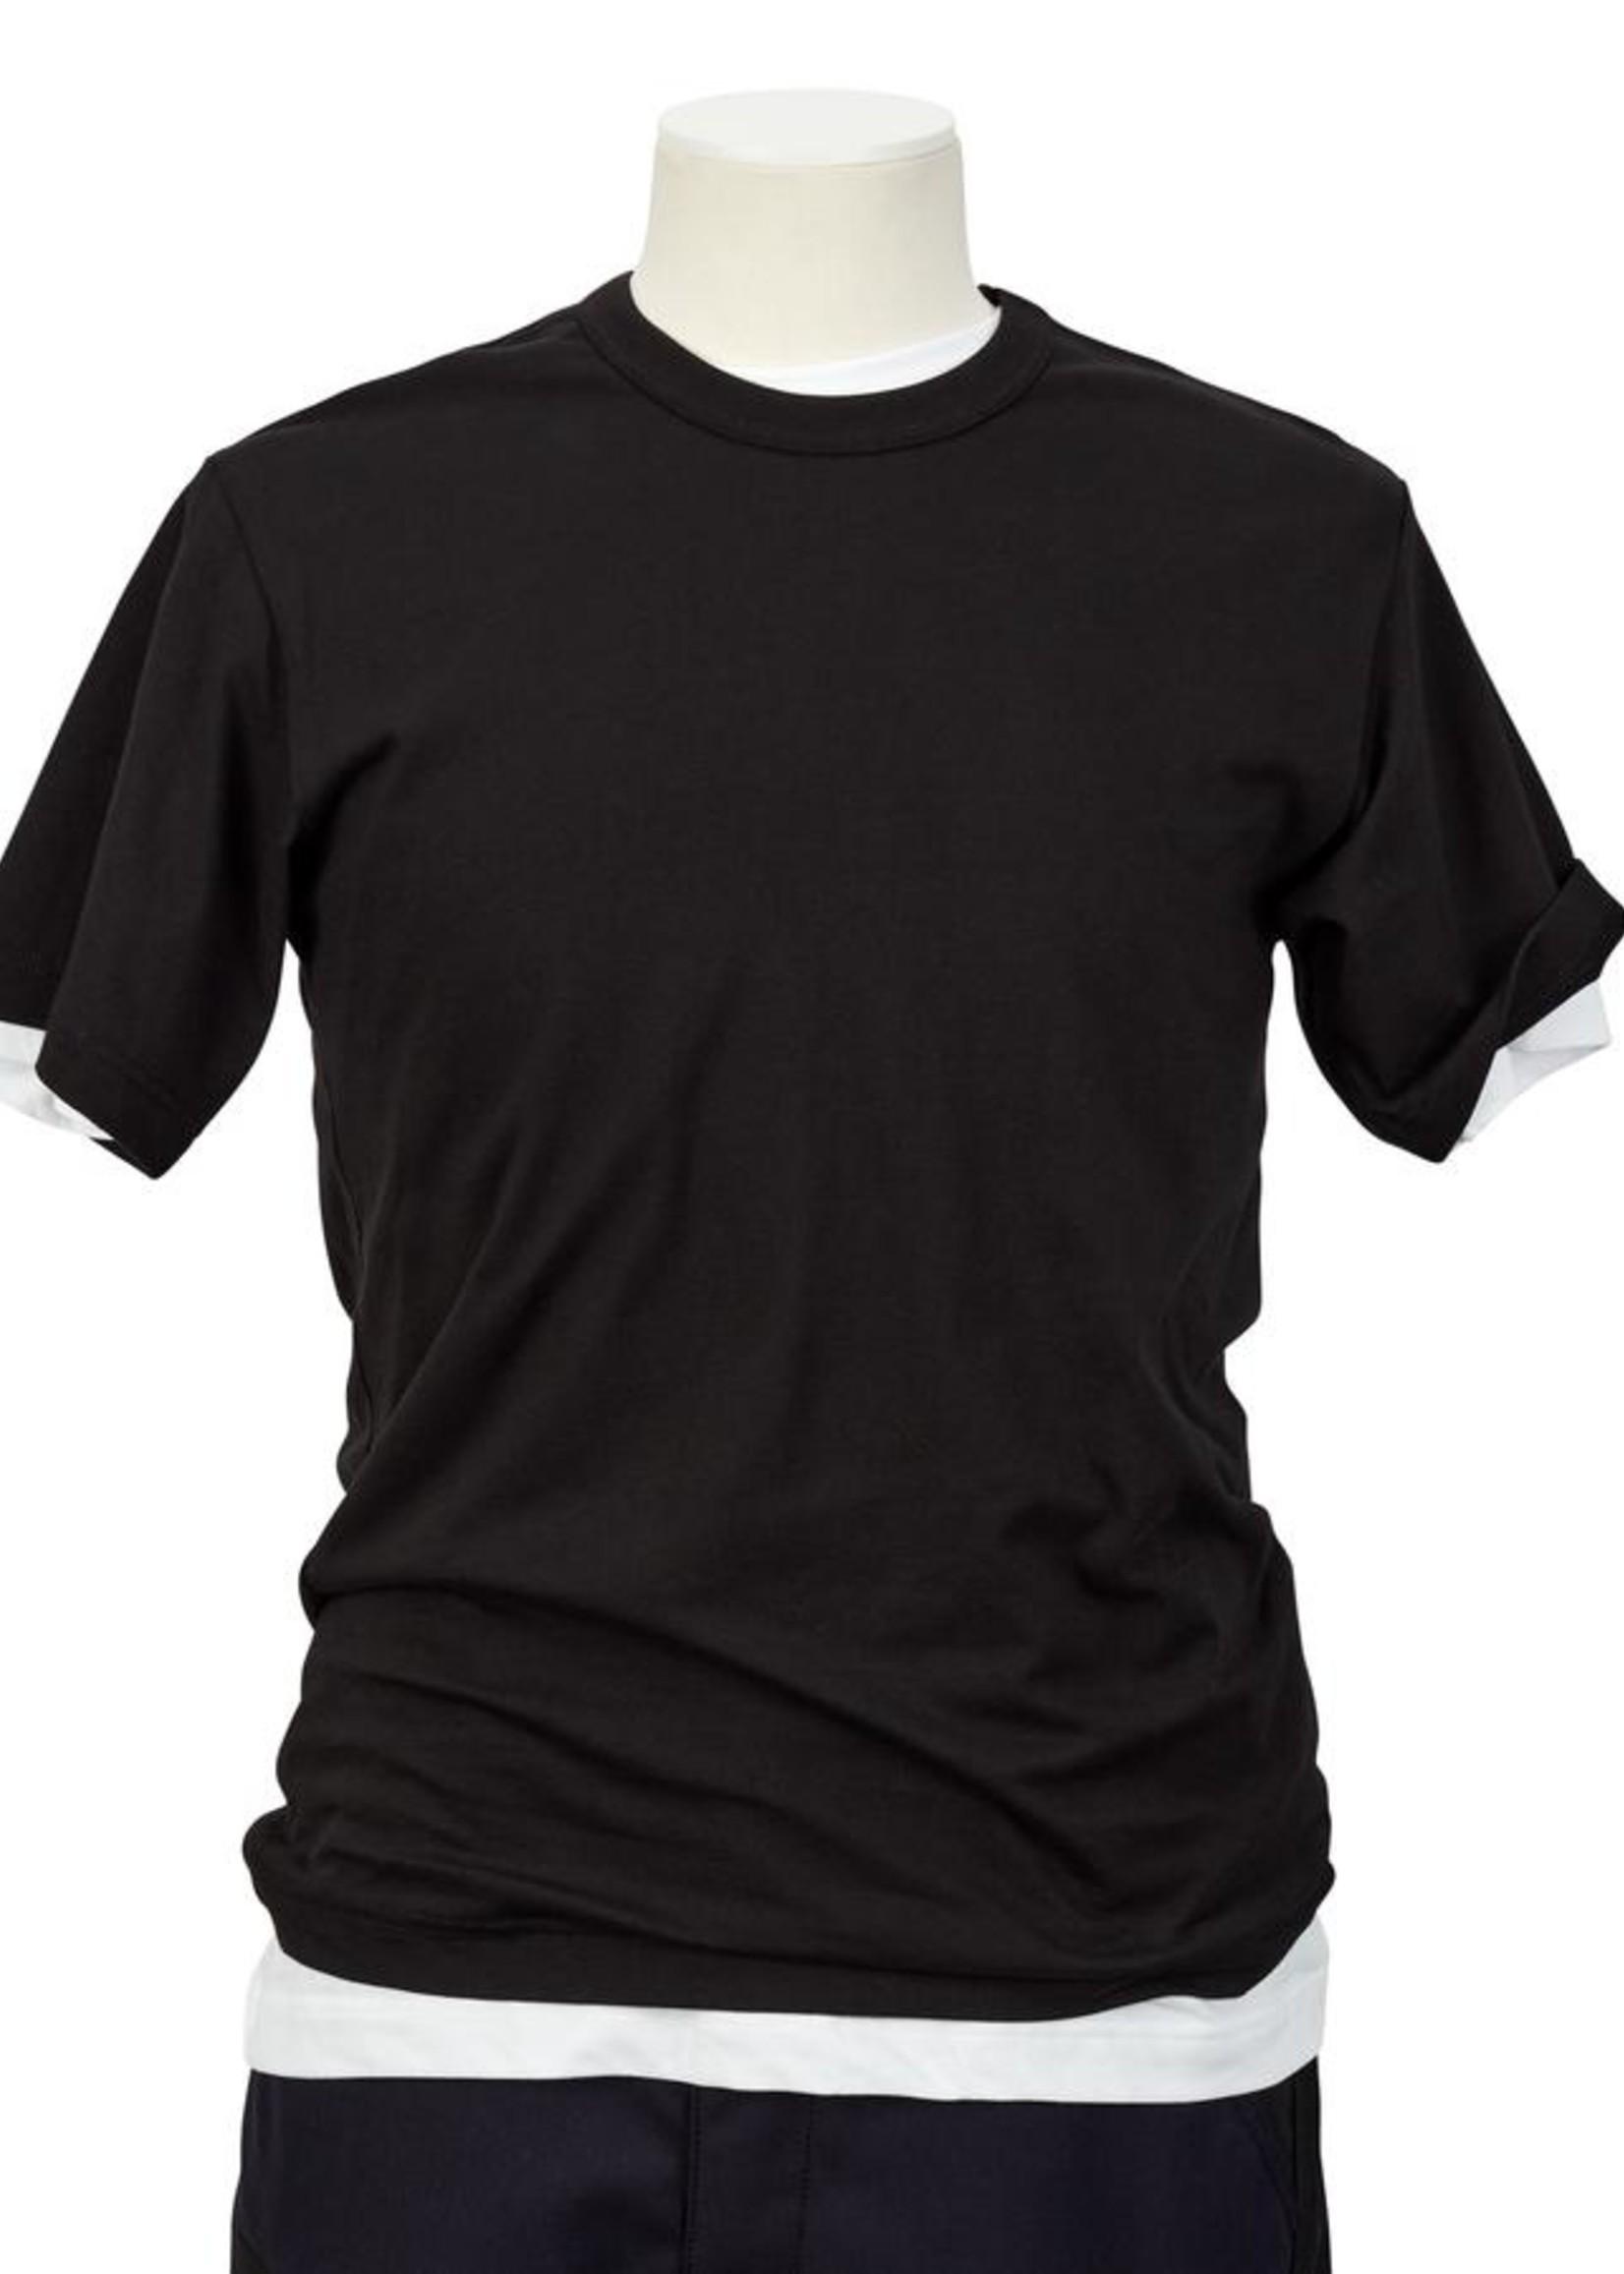 COMME des GARÇONS SHIRT LOGO T-SHIRT IN Black